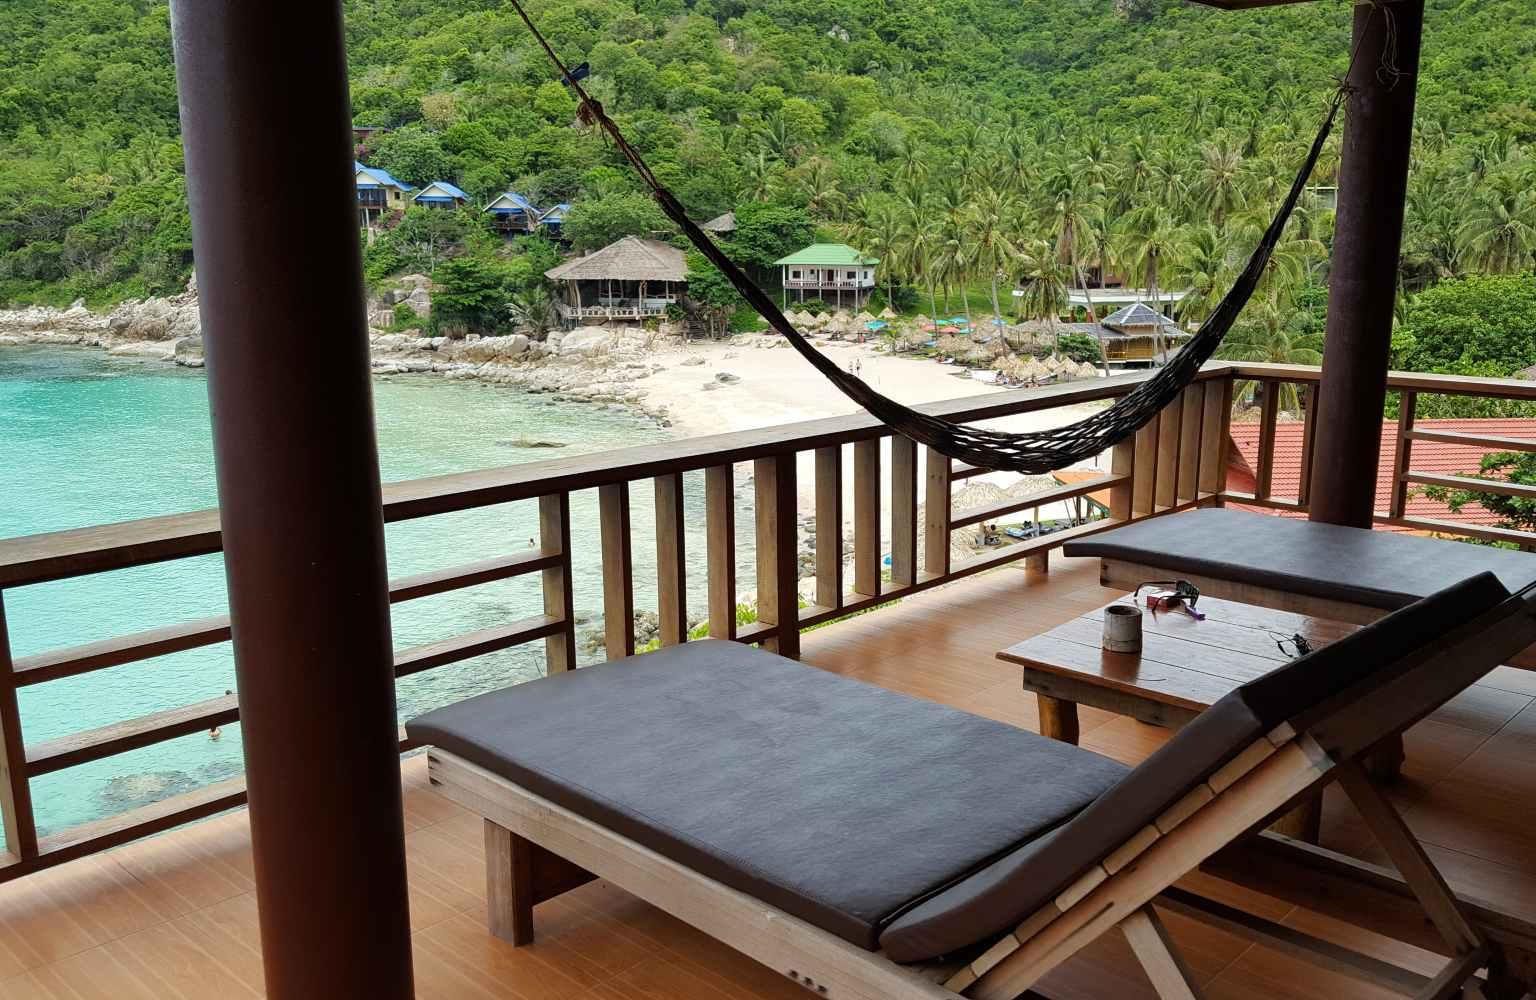 Een kamer van Aow Leuk Grand Hill met terras en uitzicht op de baai van Aow Leuk op Koh Tao